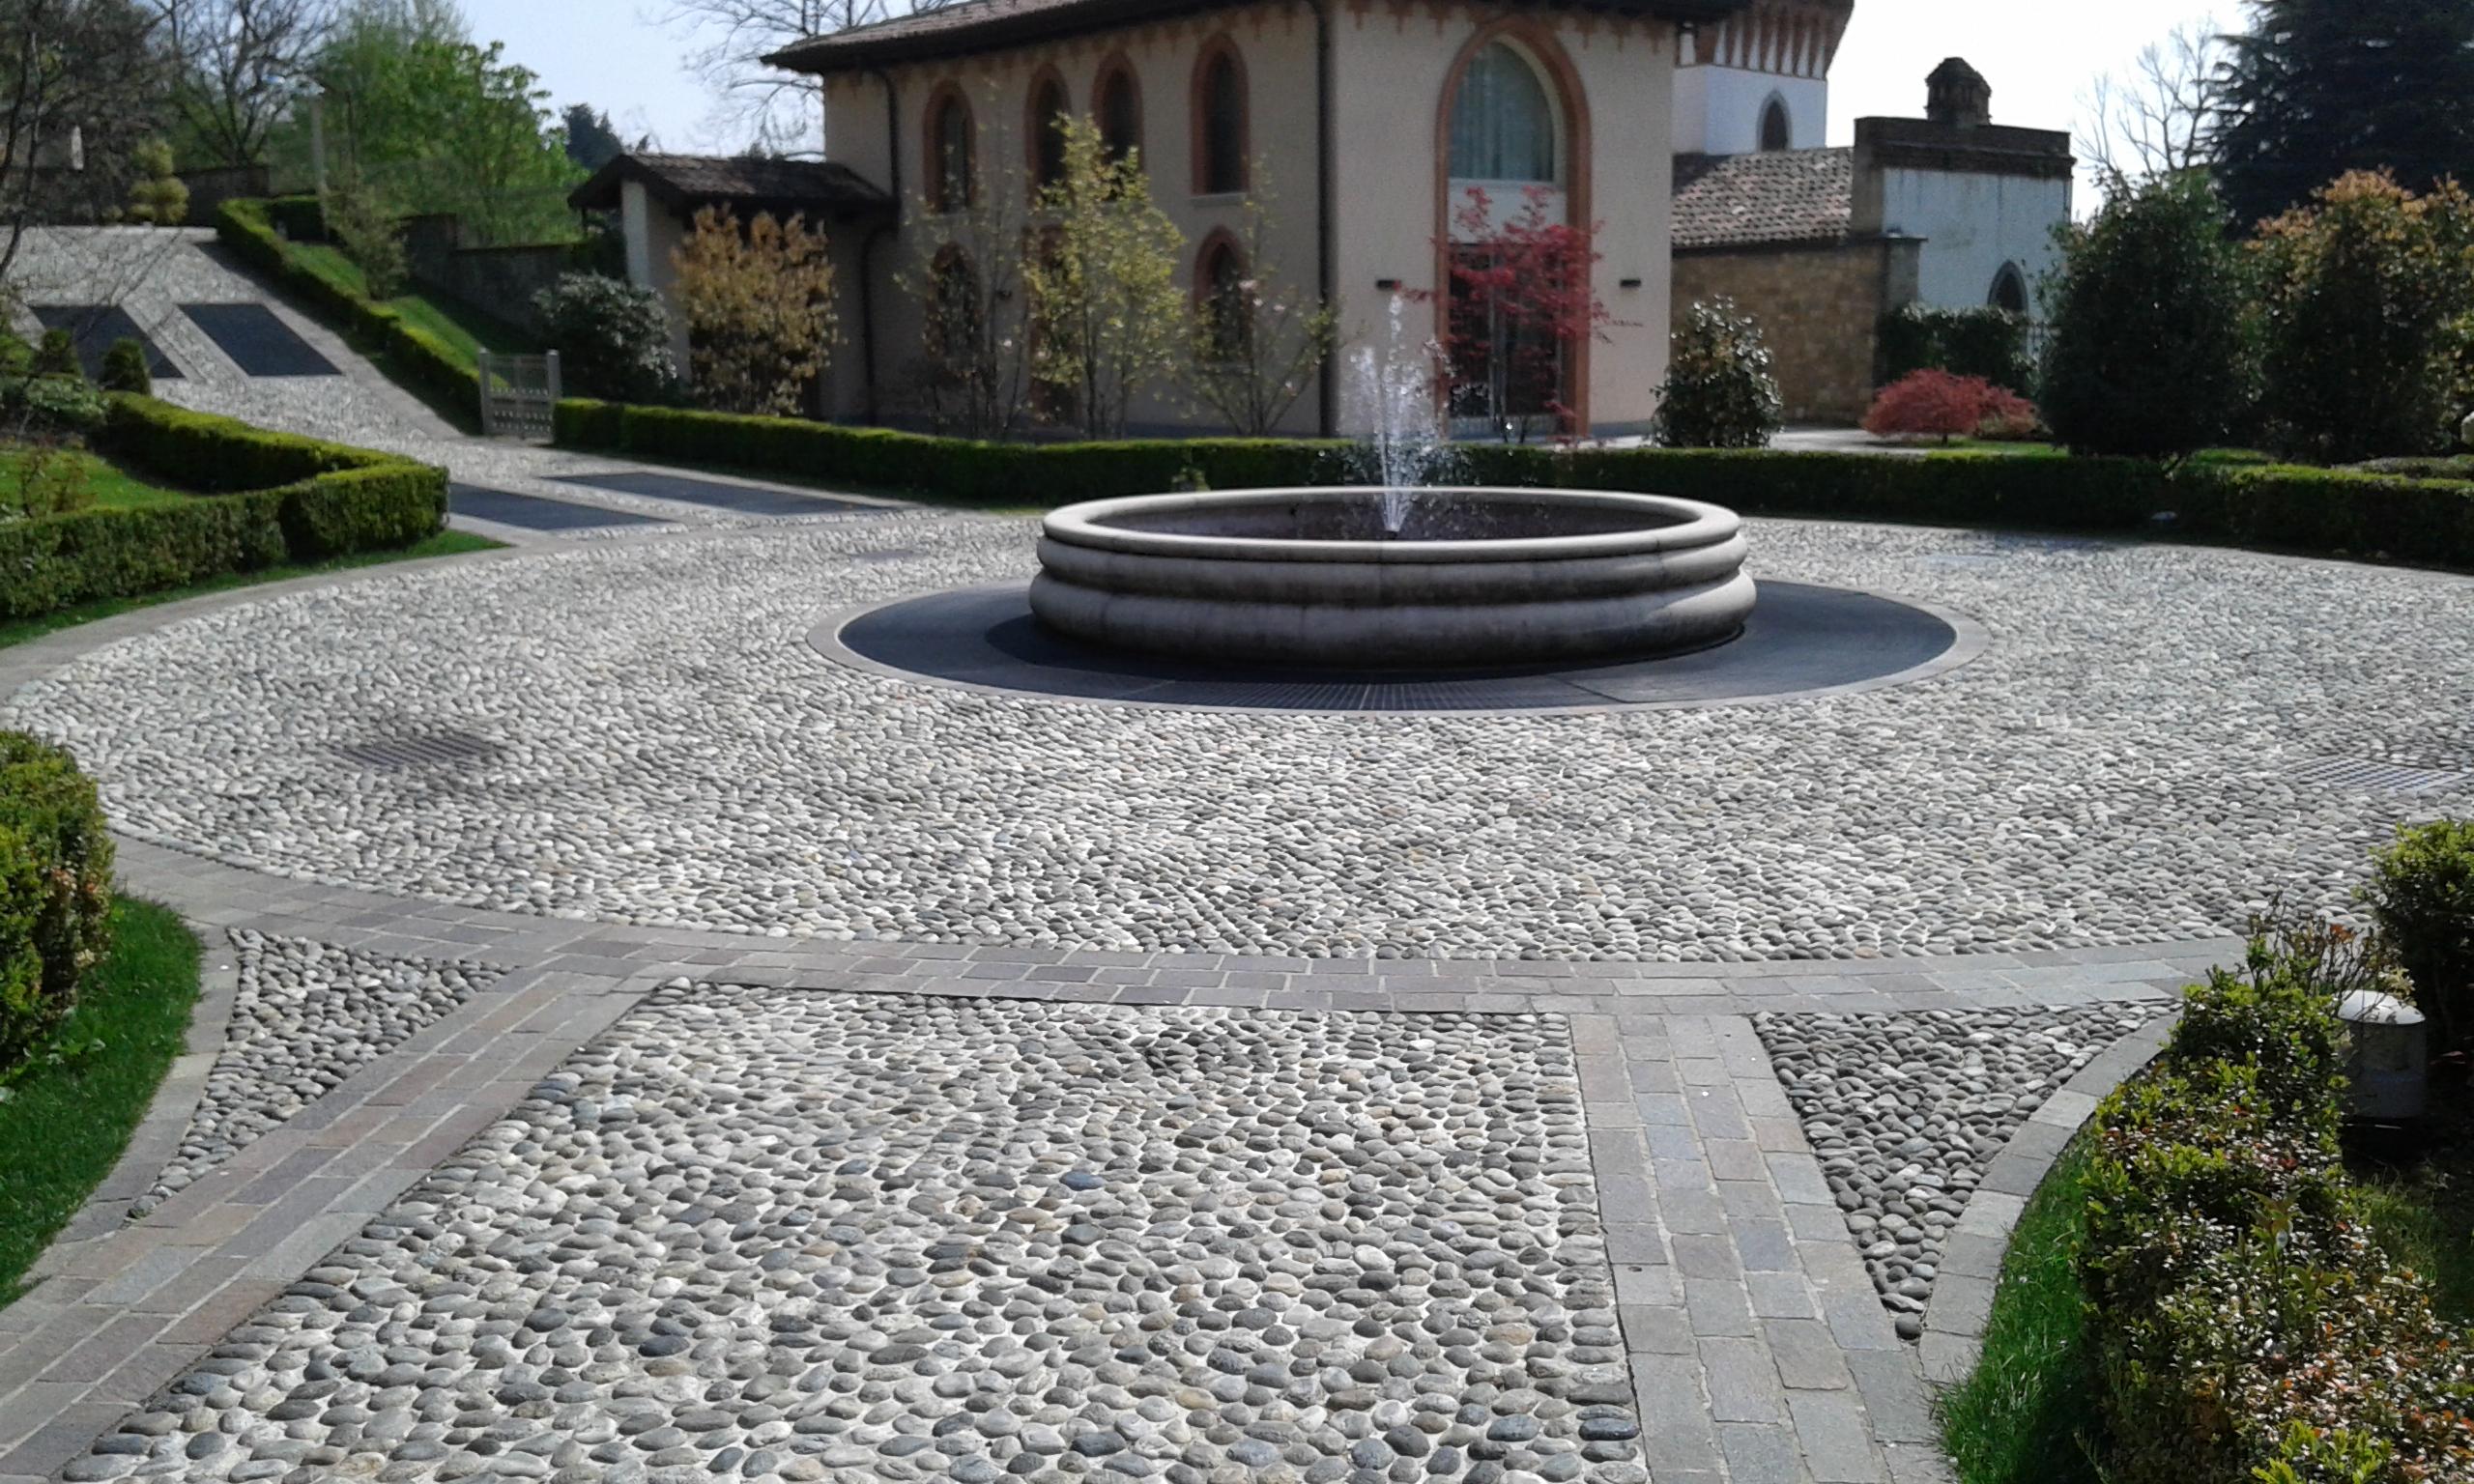 Vialetti In Pietra Prezzi pavimenti e rivestimenti pietra brescia | pietranova